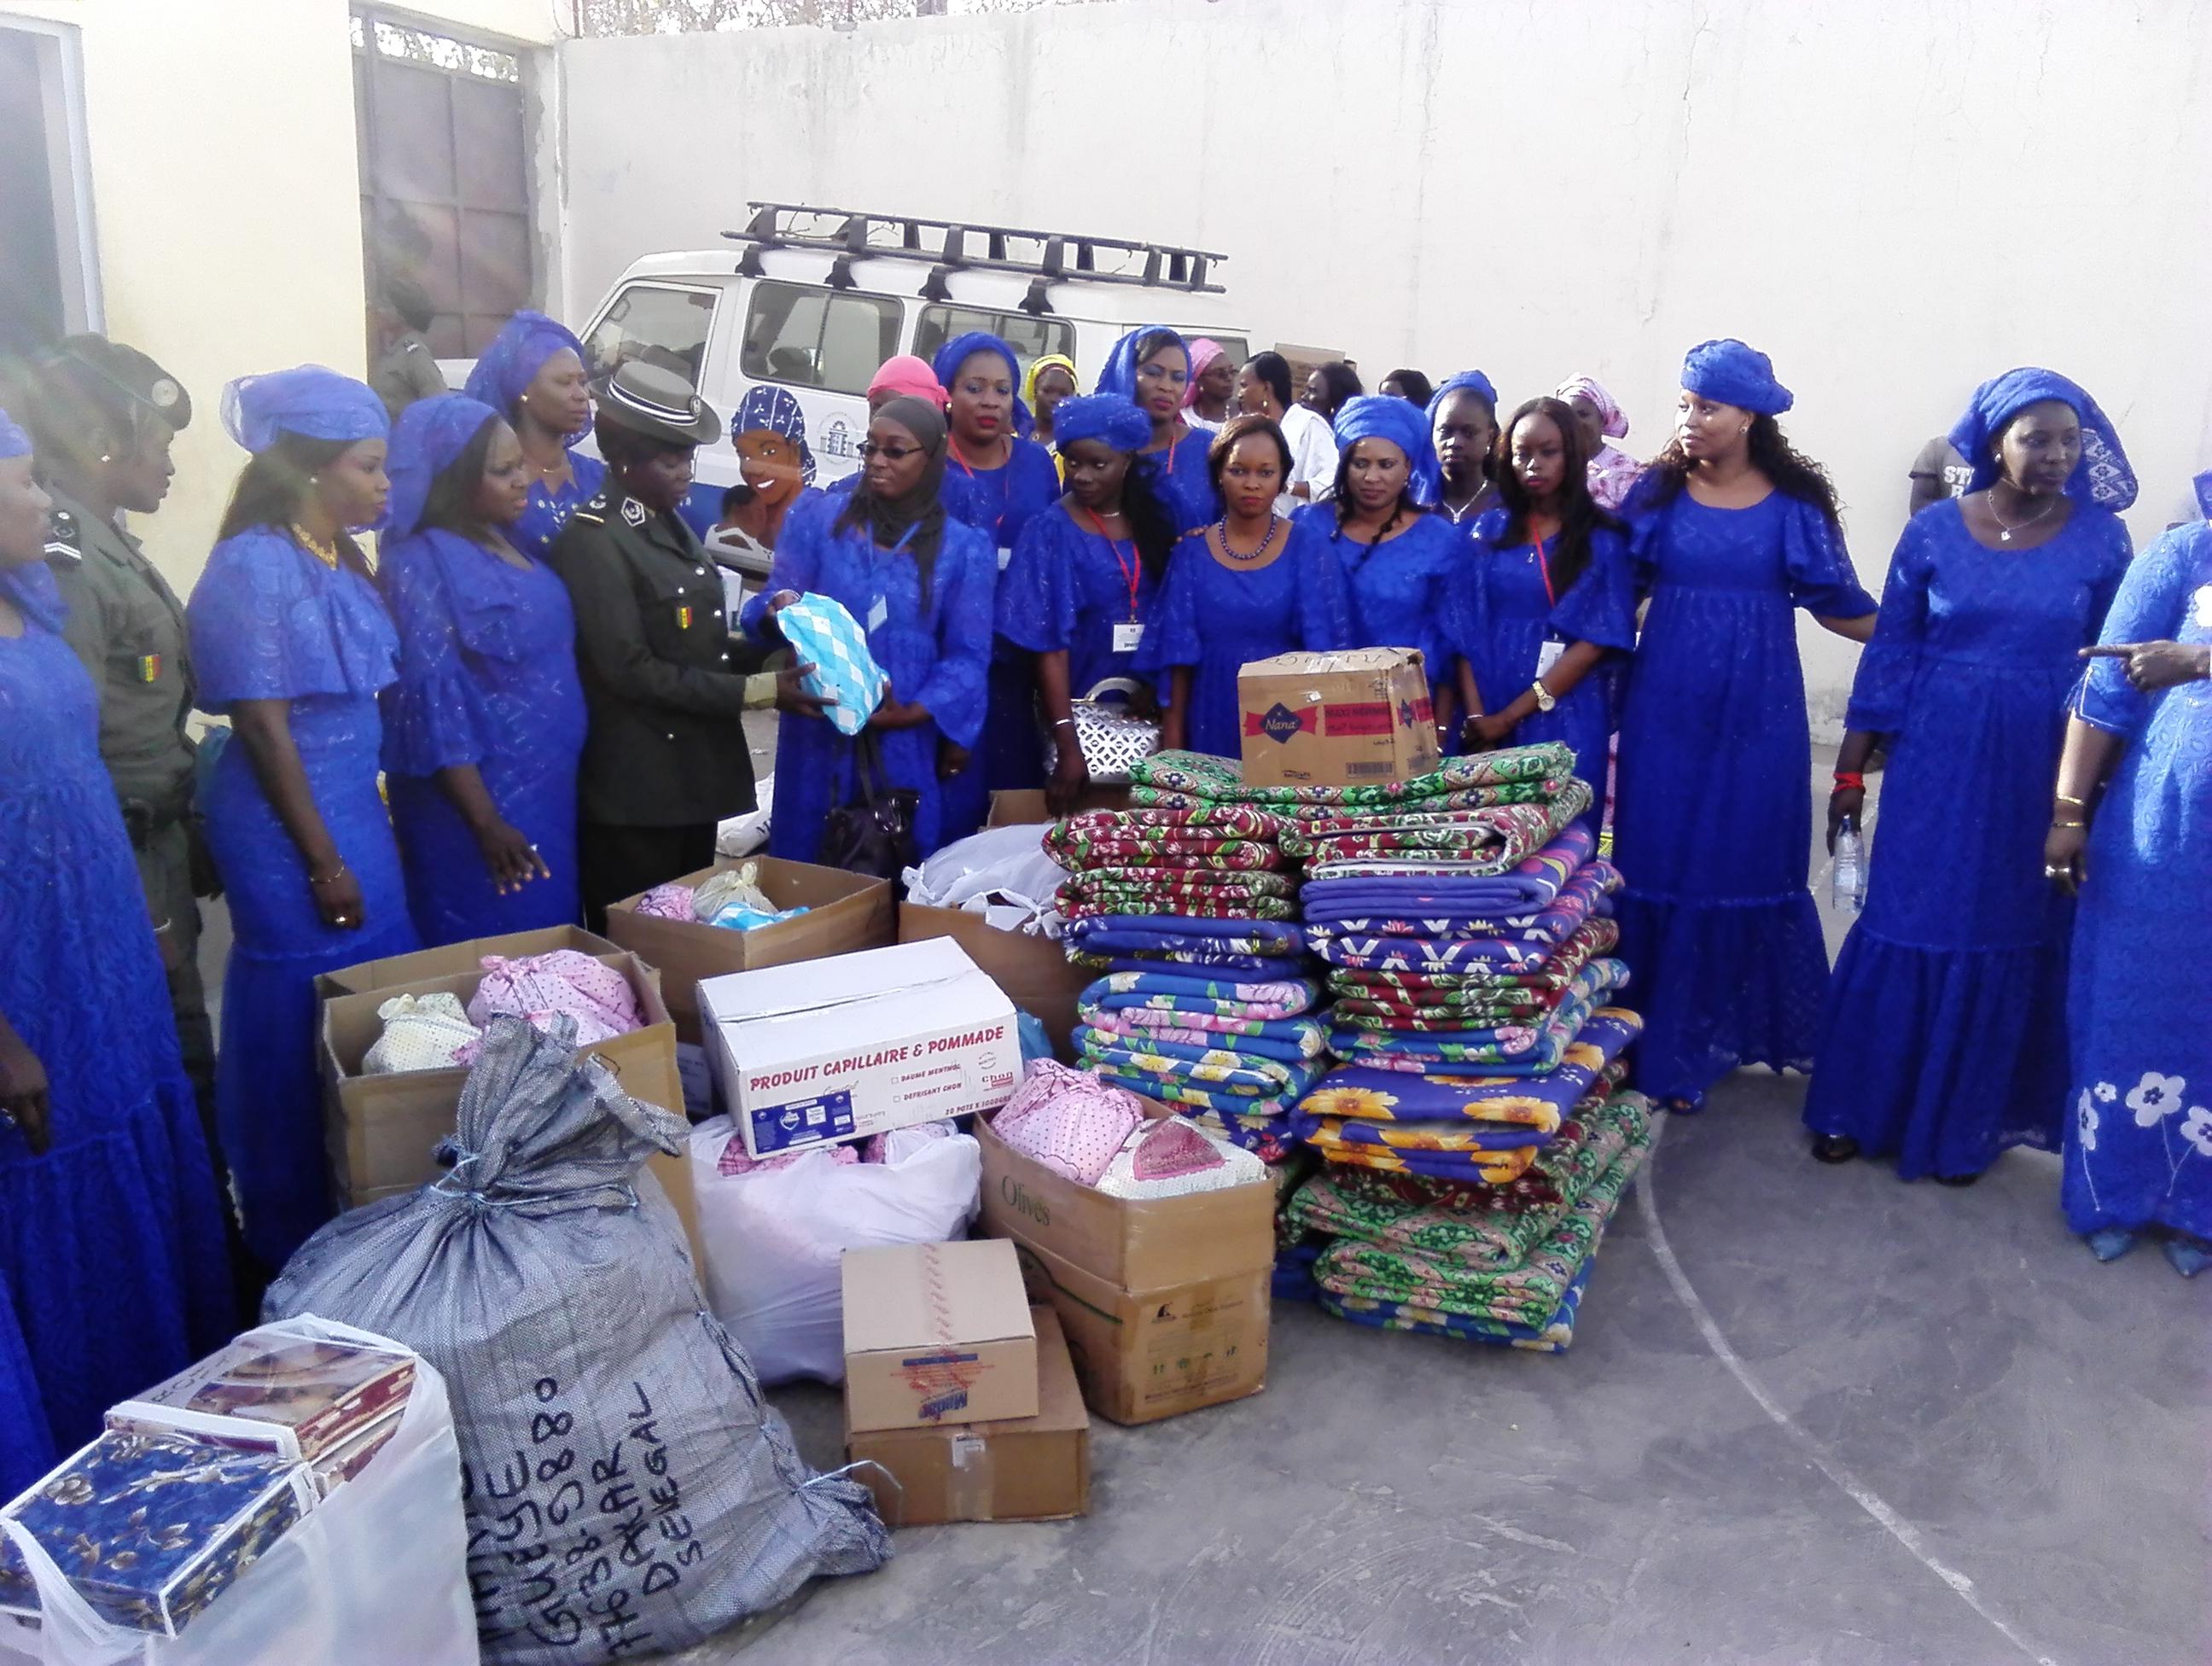 8 Mars : Des dons d'une valeur de 2 millions offert à la MAF de liberté 6